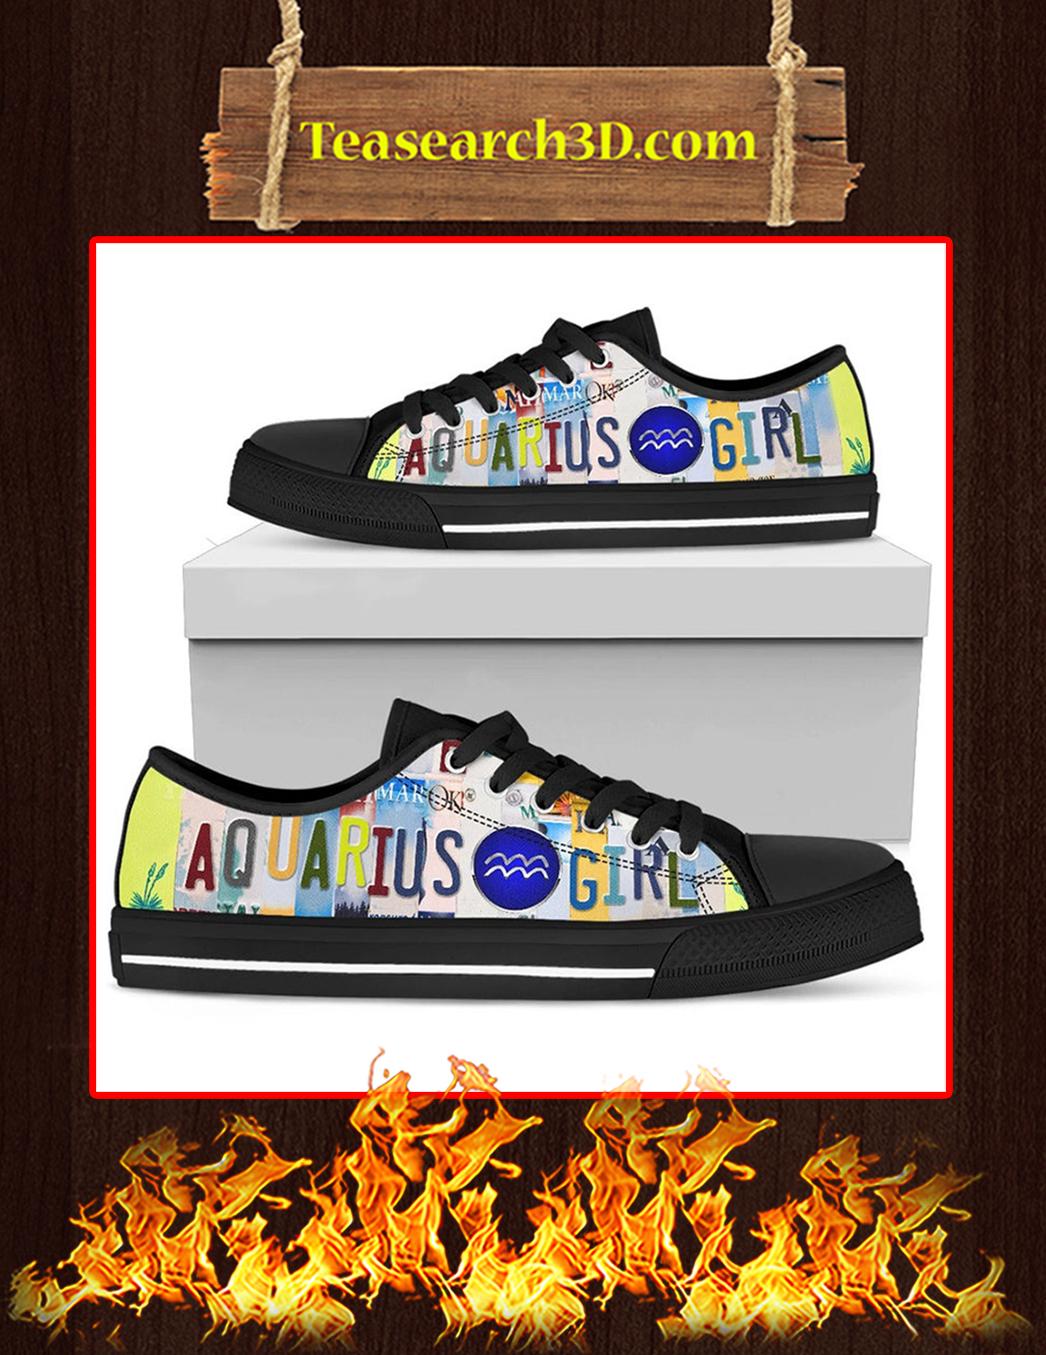 Aquarius Girl Low Top Shoes Black Pic 1